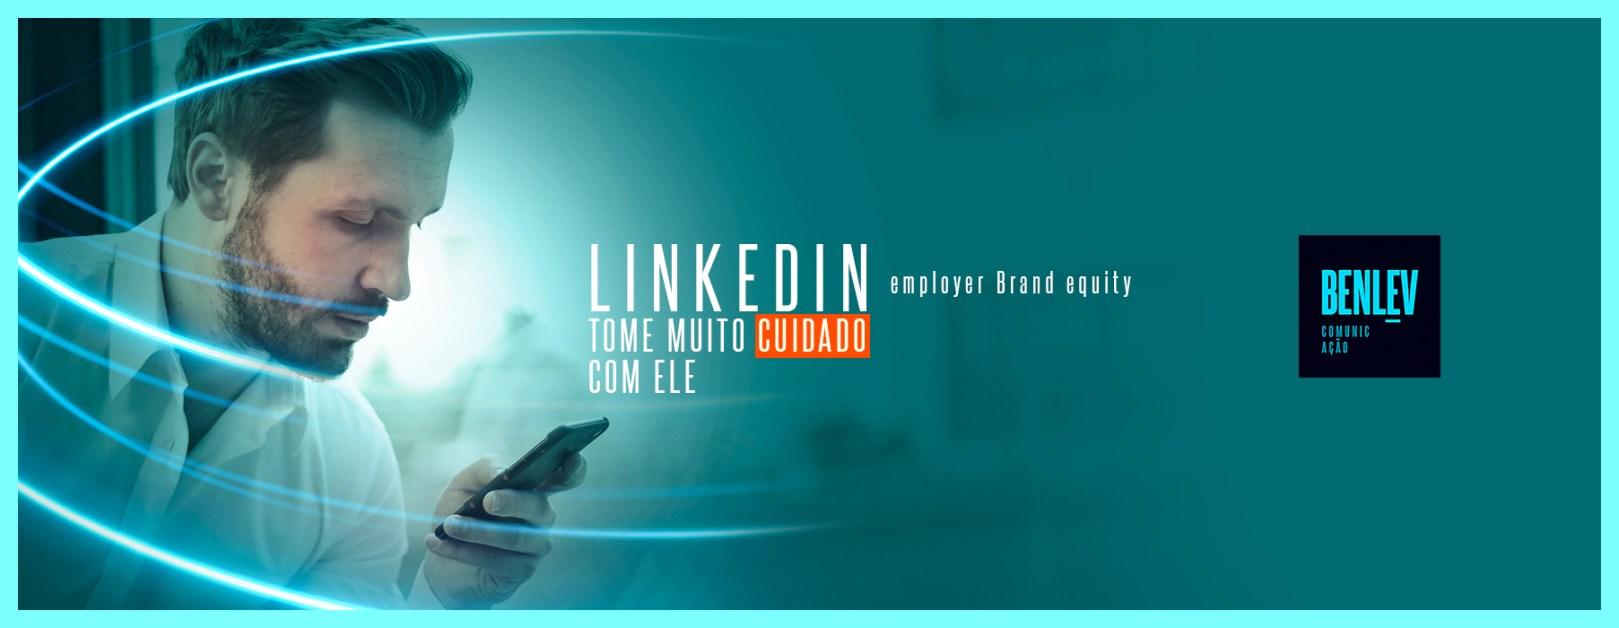 Agência employer Brand equity no rio de janeiro